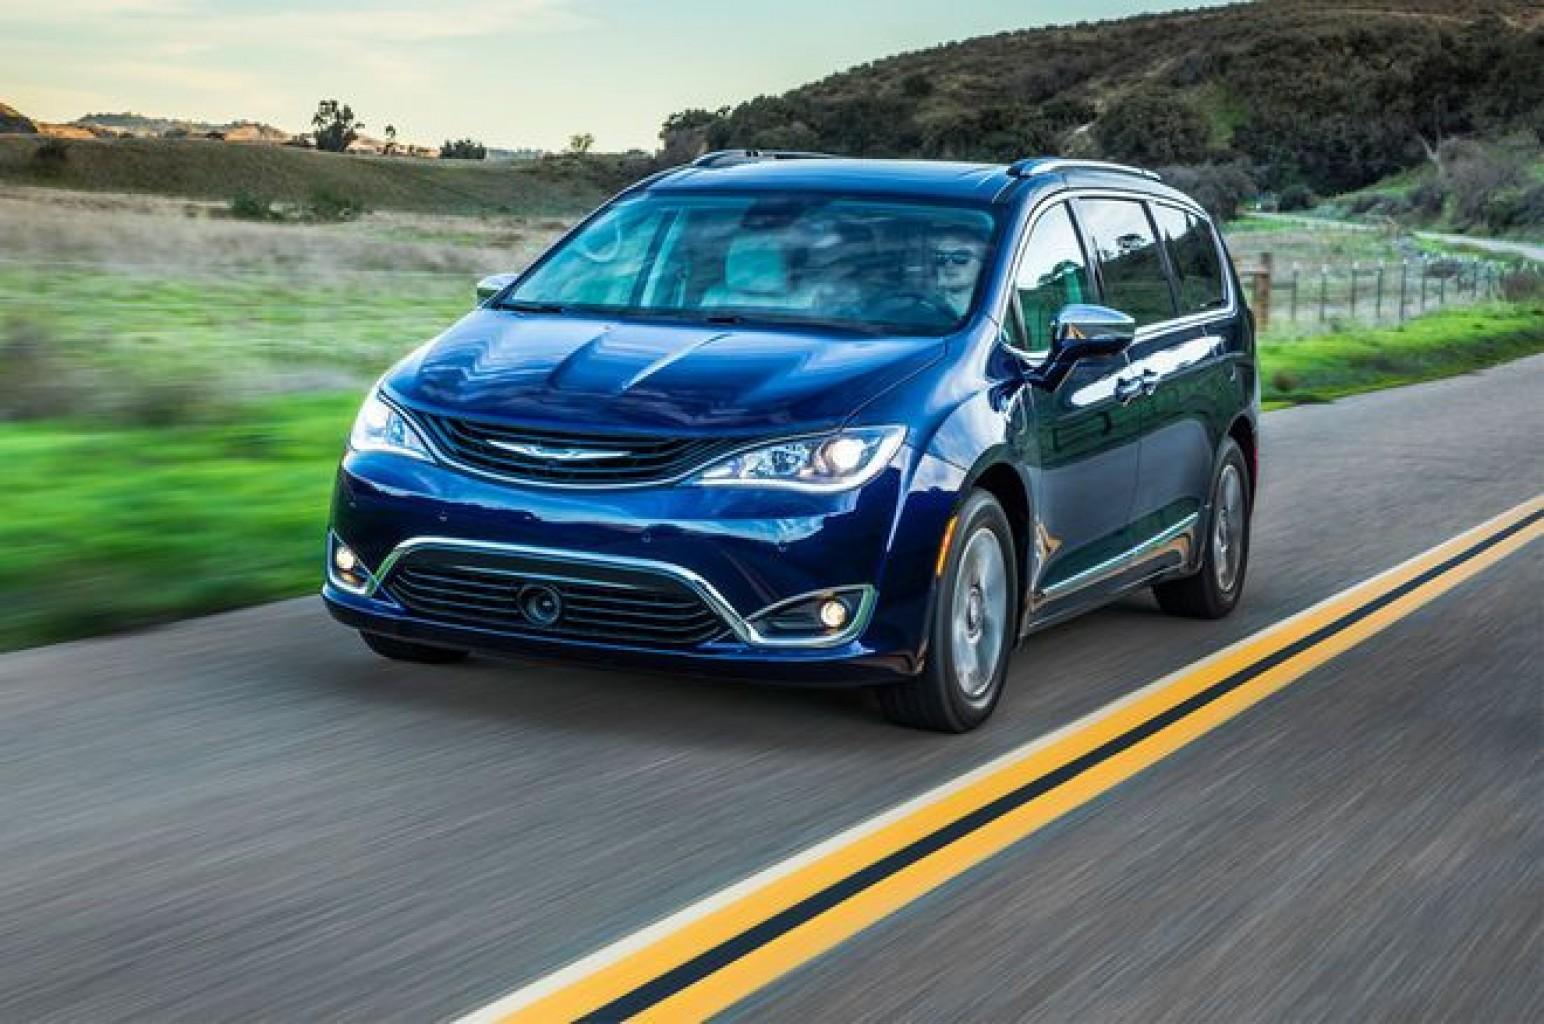 Por riesgos de incendio, Fiat Chrysler debe retirar las minivan Pacifica Híbridas